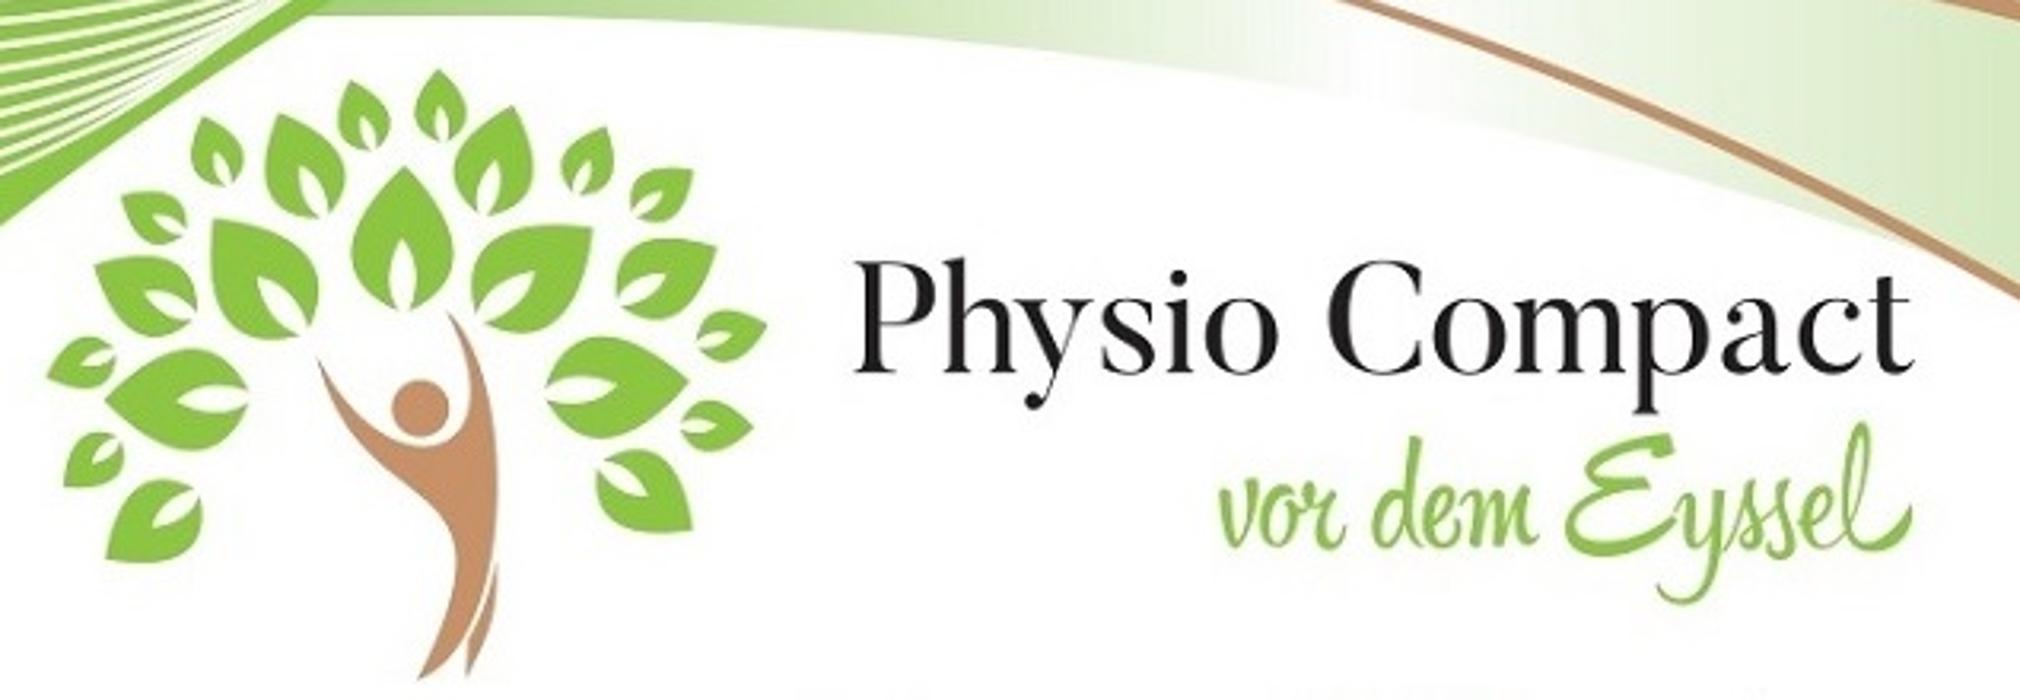 Bild zu Physio Compact vor dem Eyssel, Praxis für Ganzheitliche Physio- und Manuelle Therapie in Gifhorn